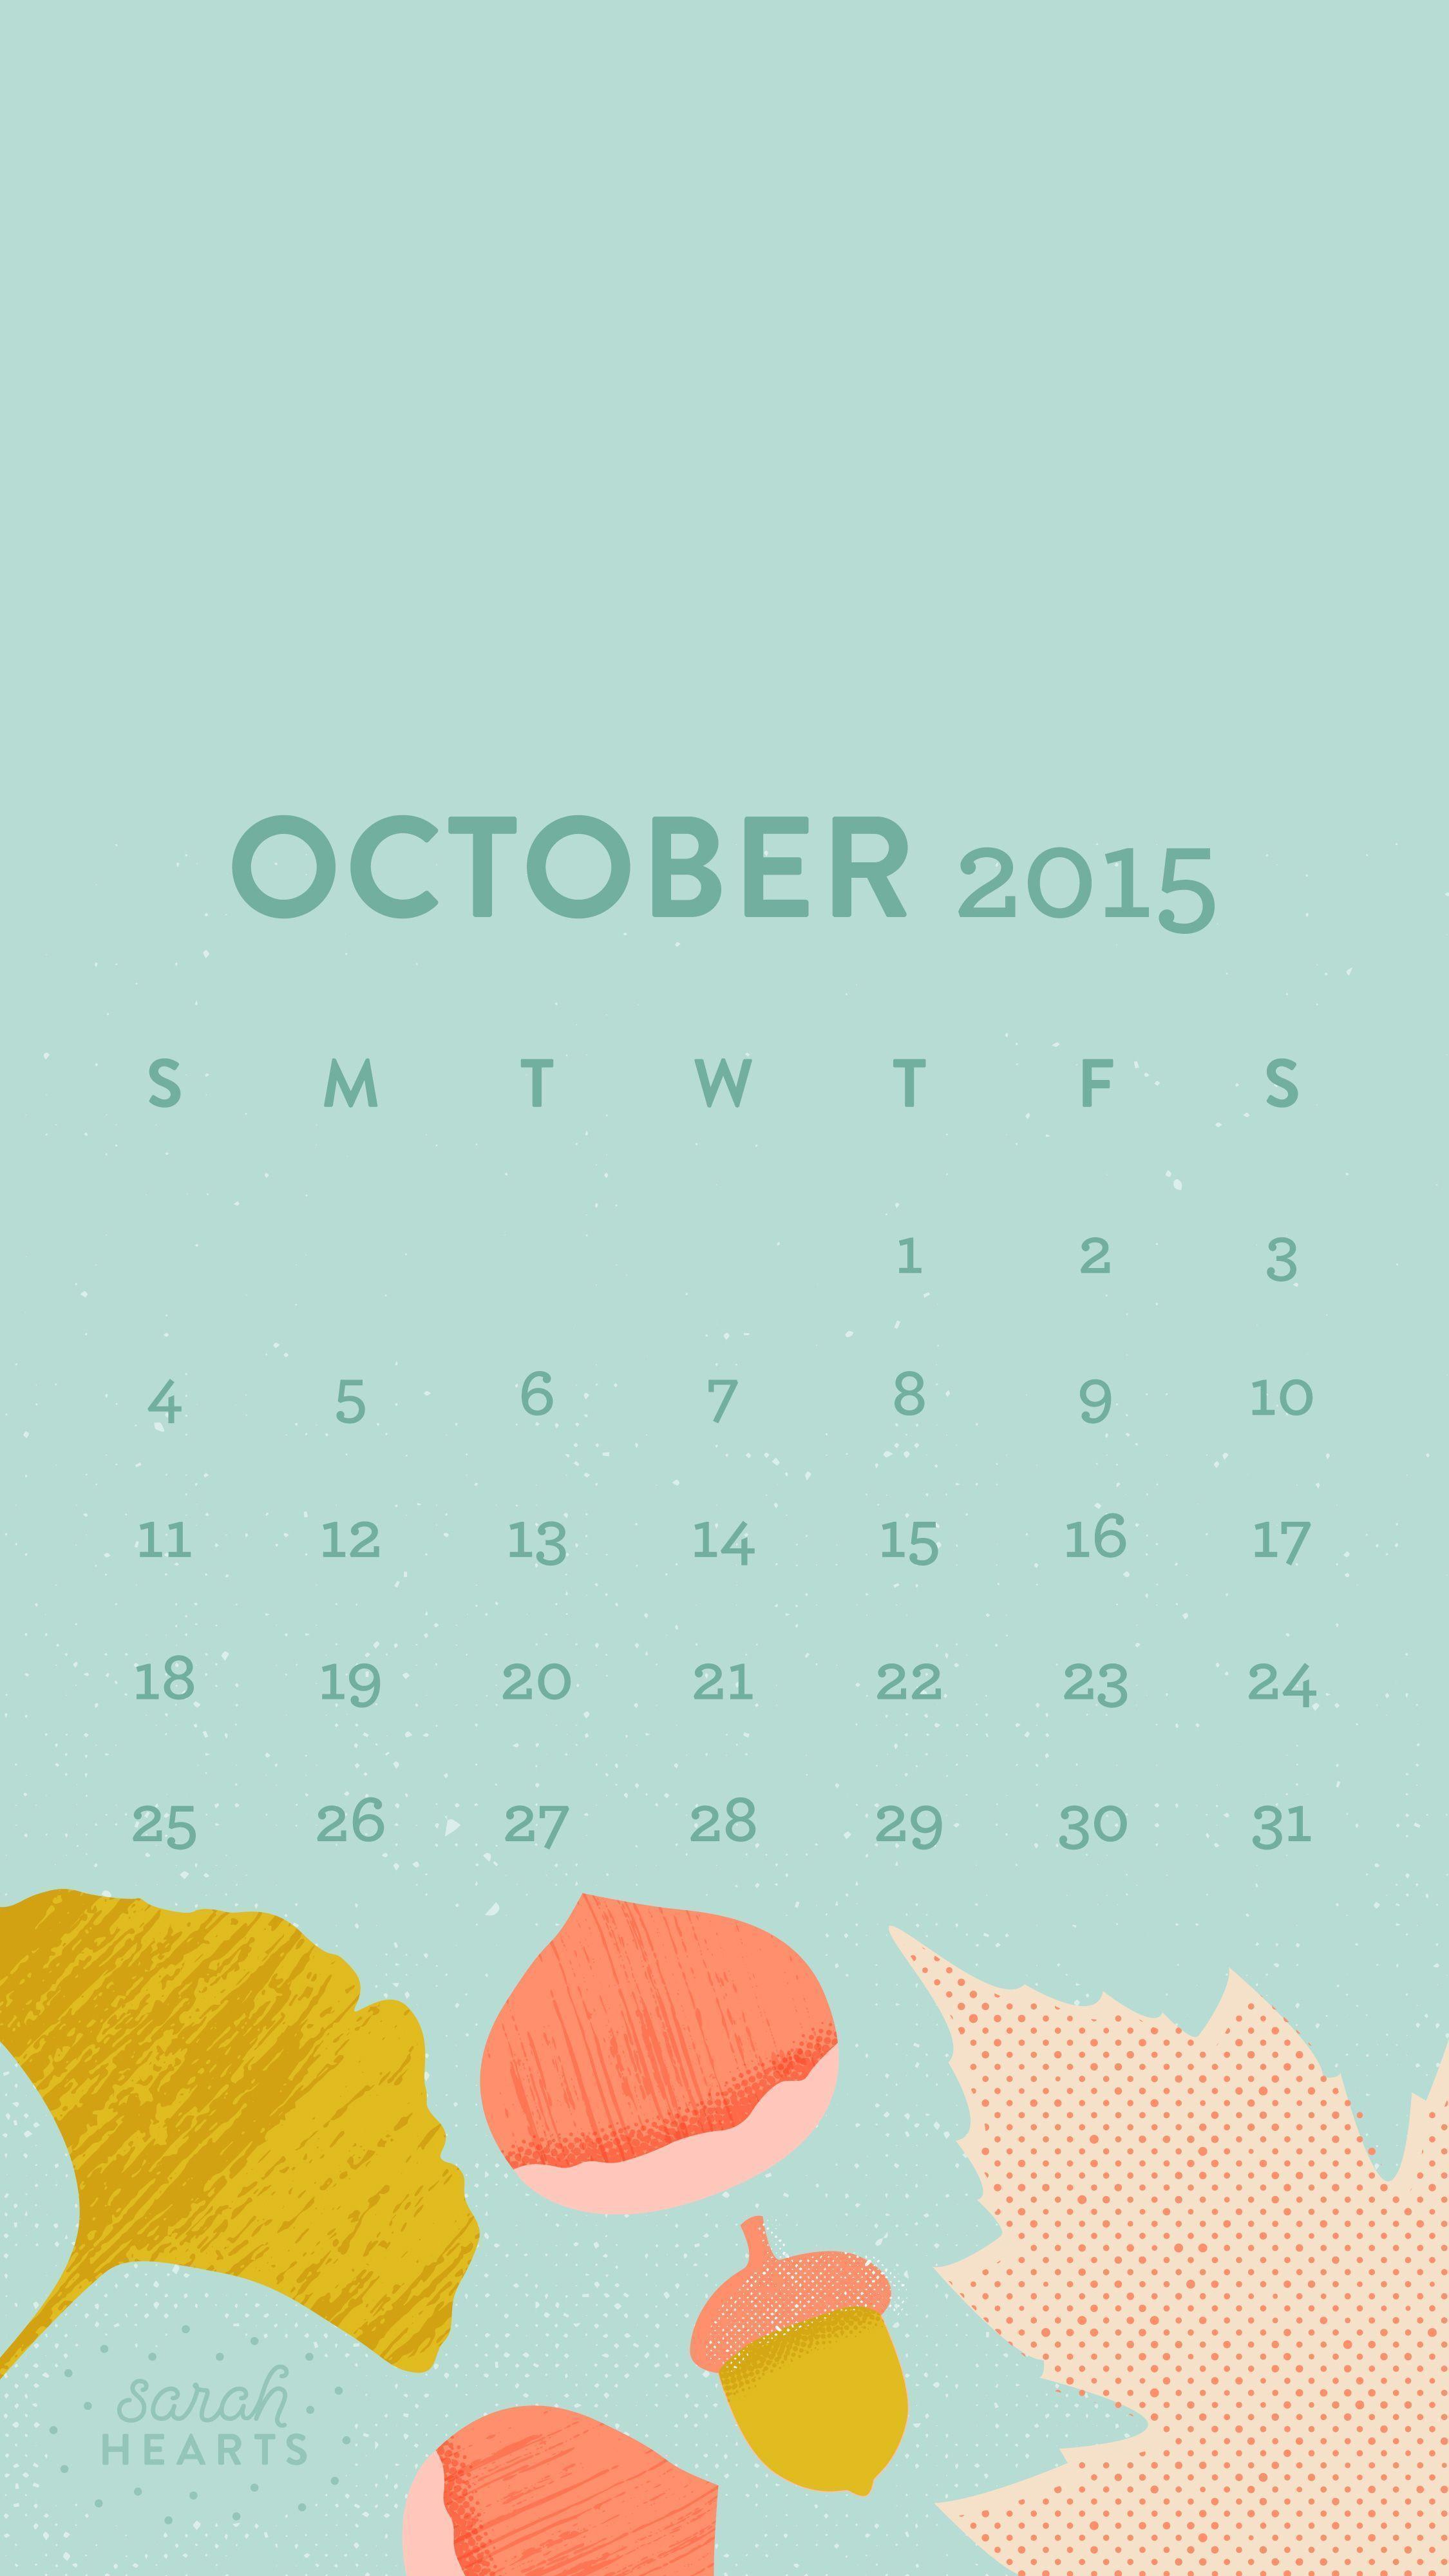 oct 2013 calendar desktop wallpaper - photo #13